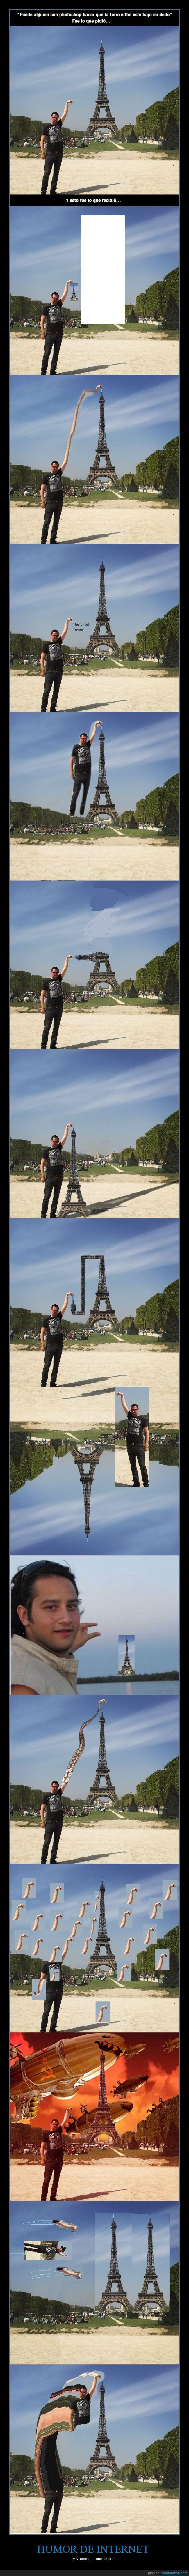 Absurdo,chops,francia,Hay quienes nunca aprenderán,Humor,Internet,paris,pedir,photoshop,Torre Eiffel,troll